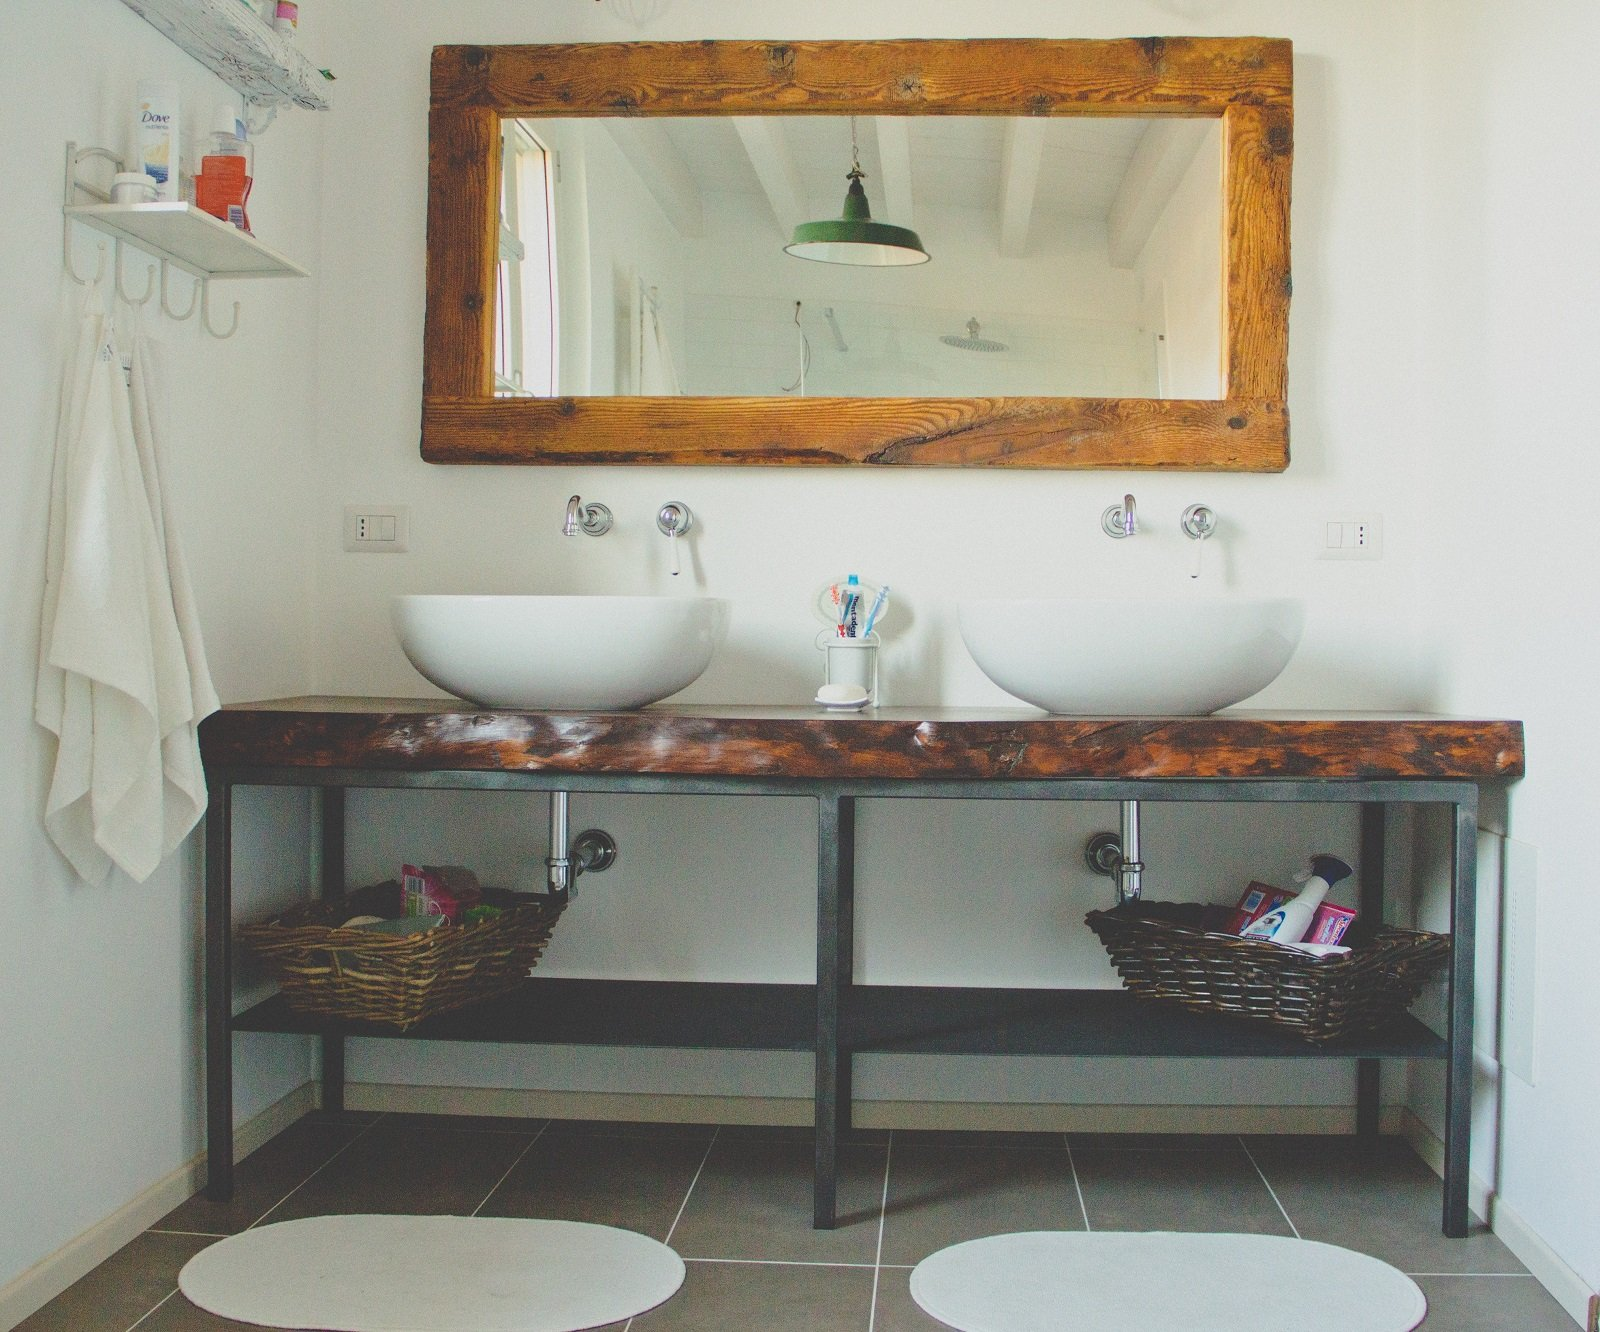 Arredi d 39 epoca e pezzi di recupero per la casa di campagna restaurata cose di casa - Maison du monde mobili bagno ...